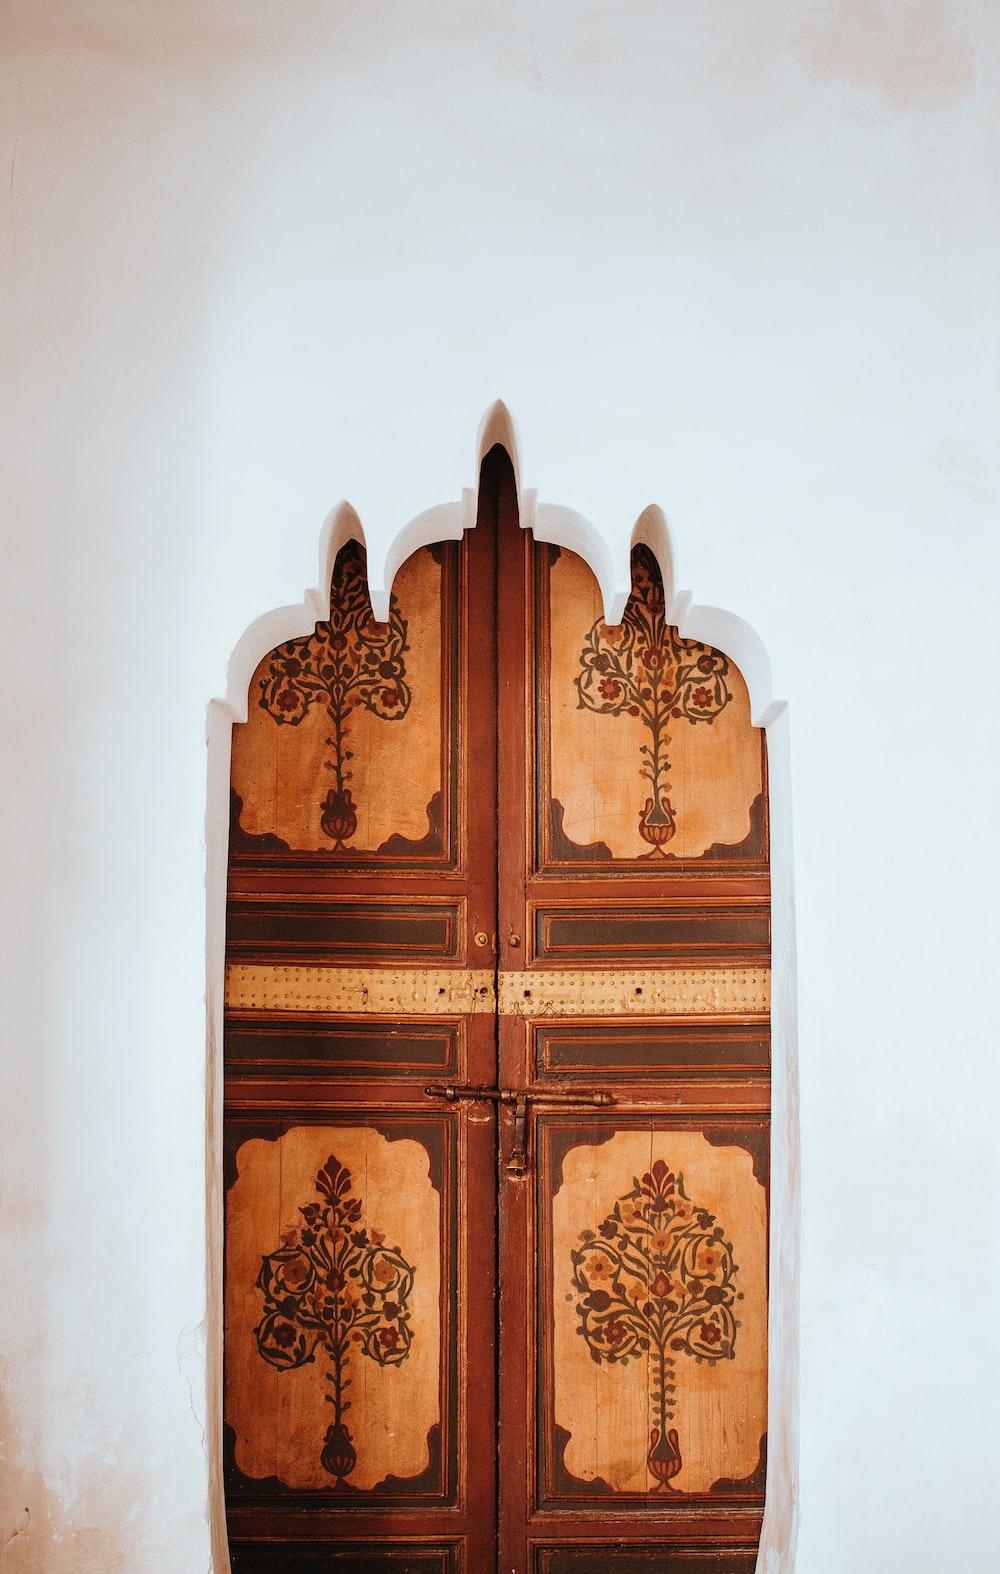 brown and beige wooden floral doors